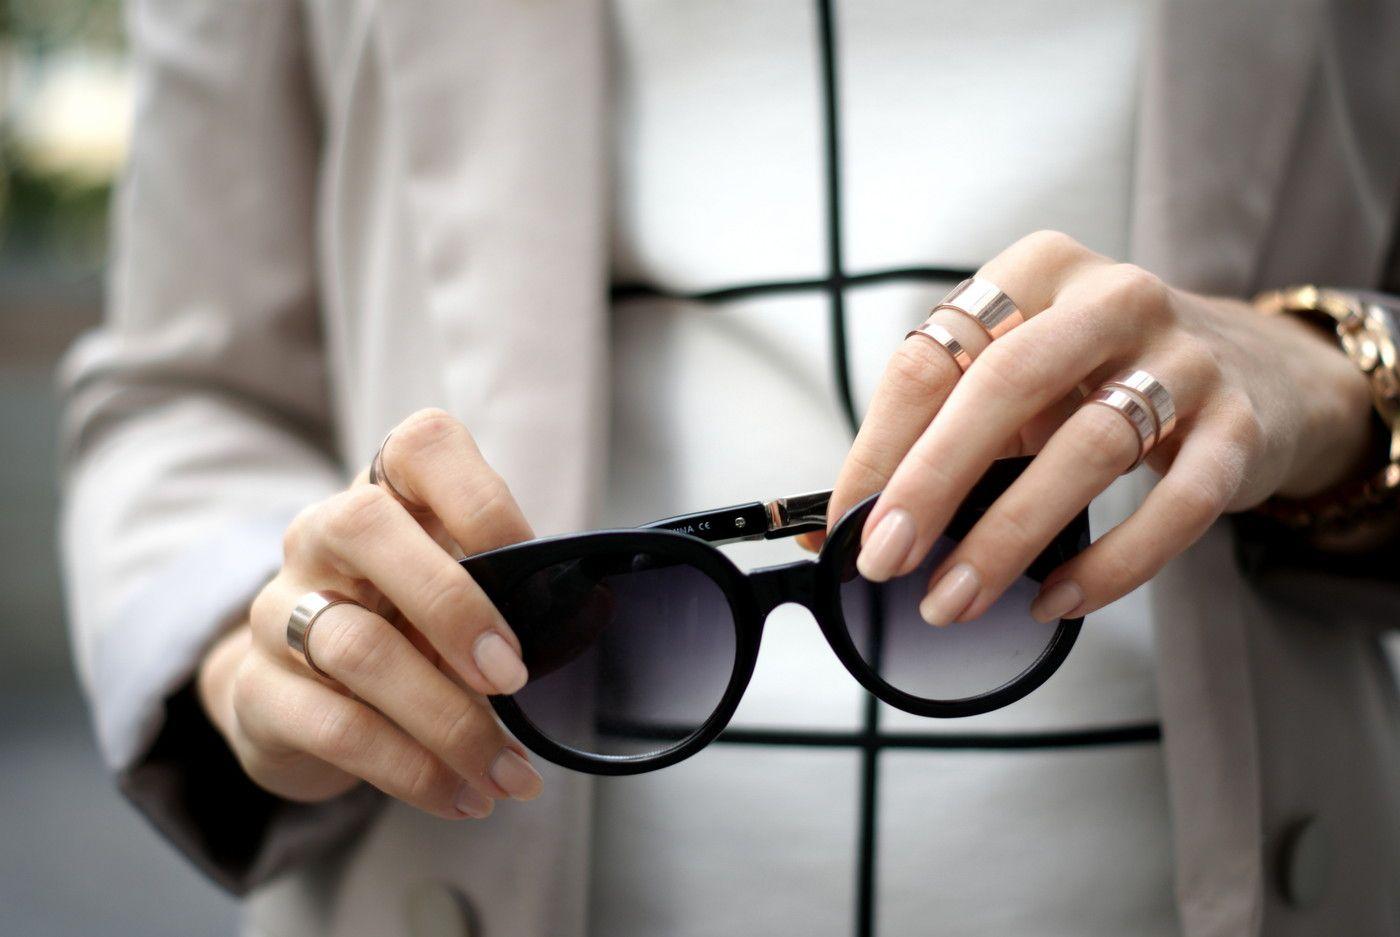 Black sunglasses & golden rings / details